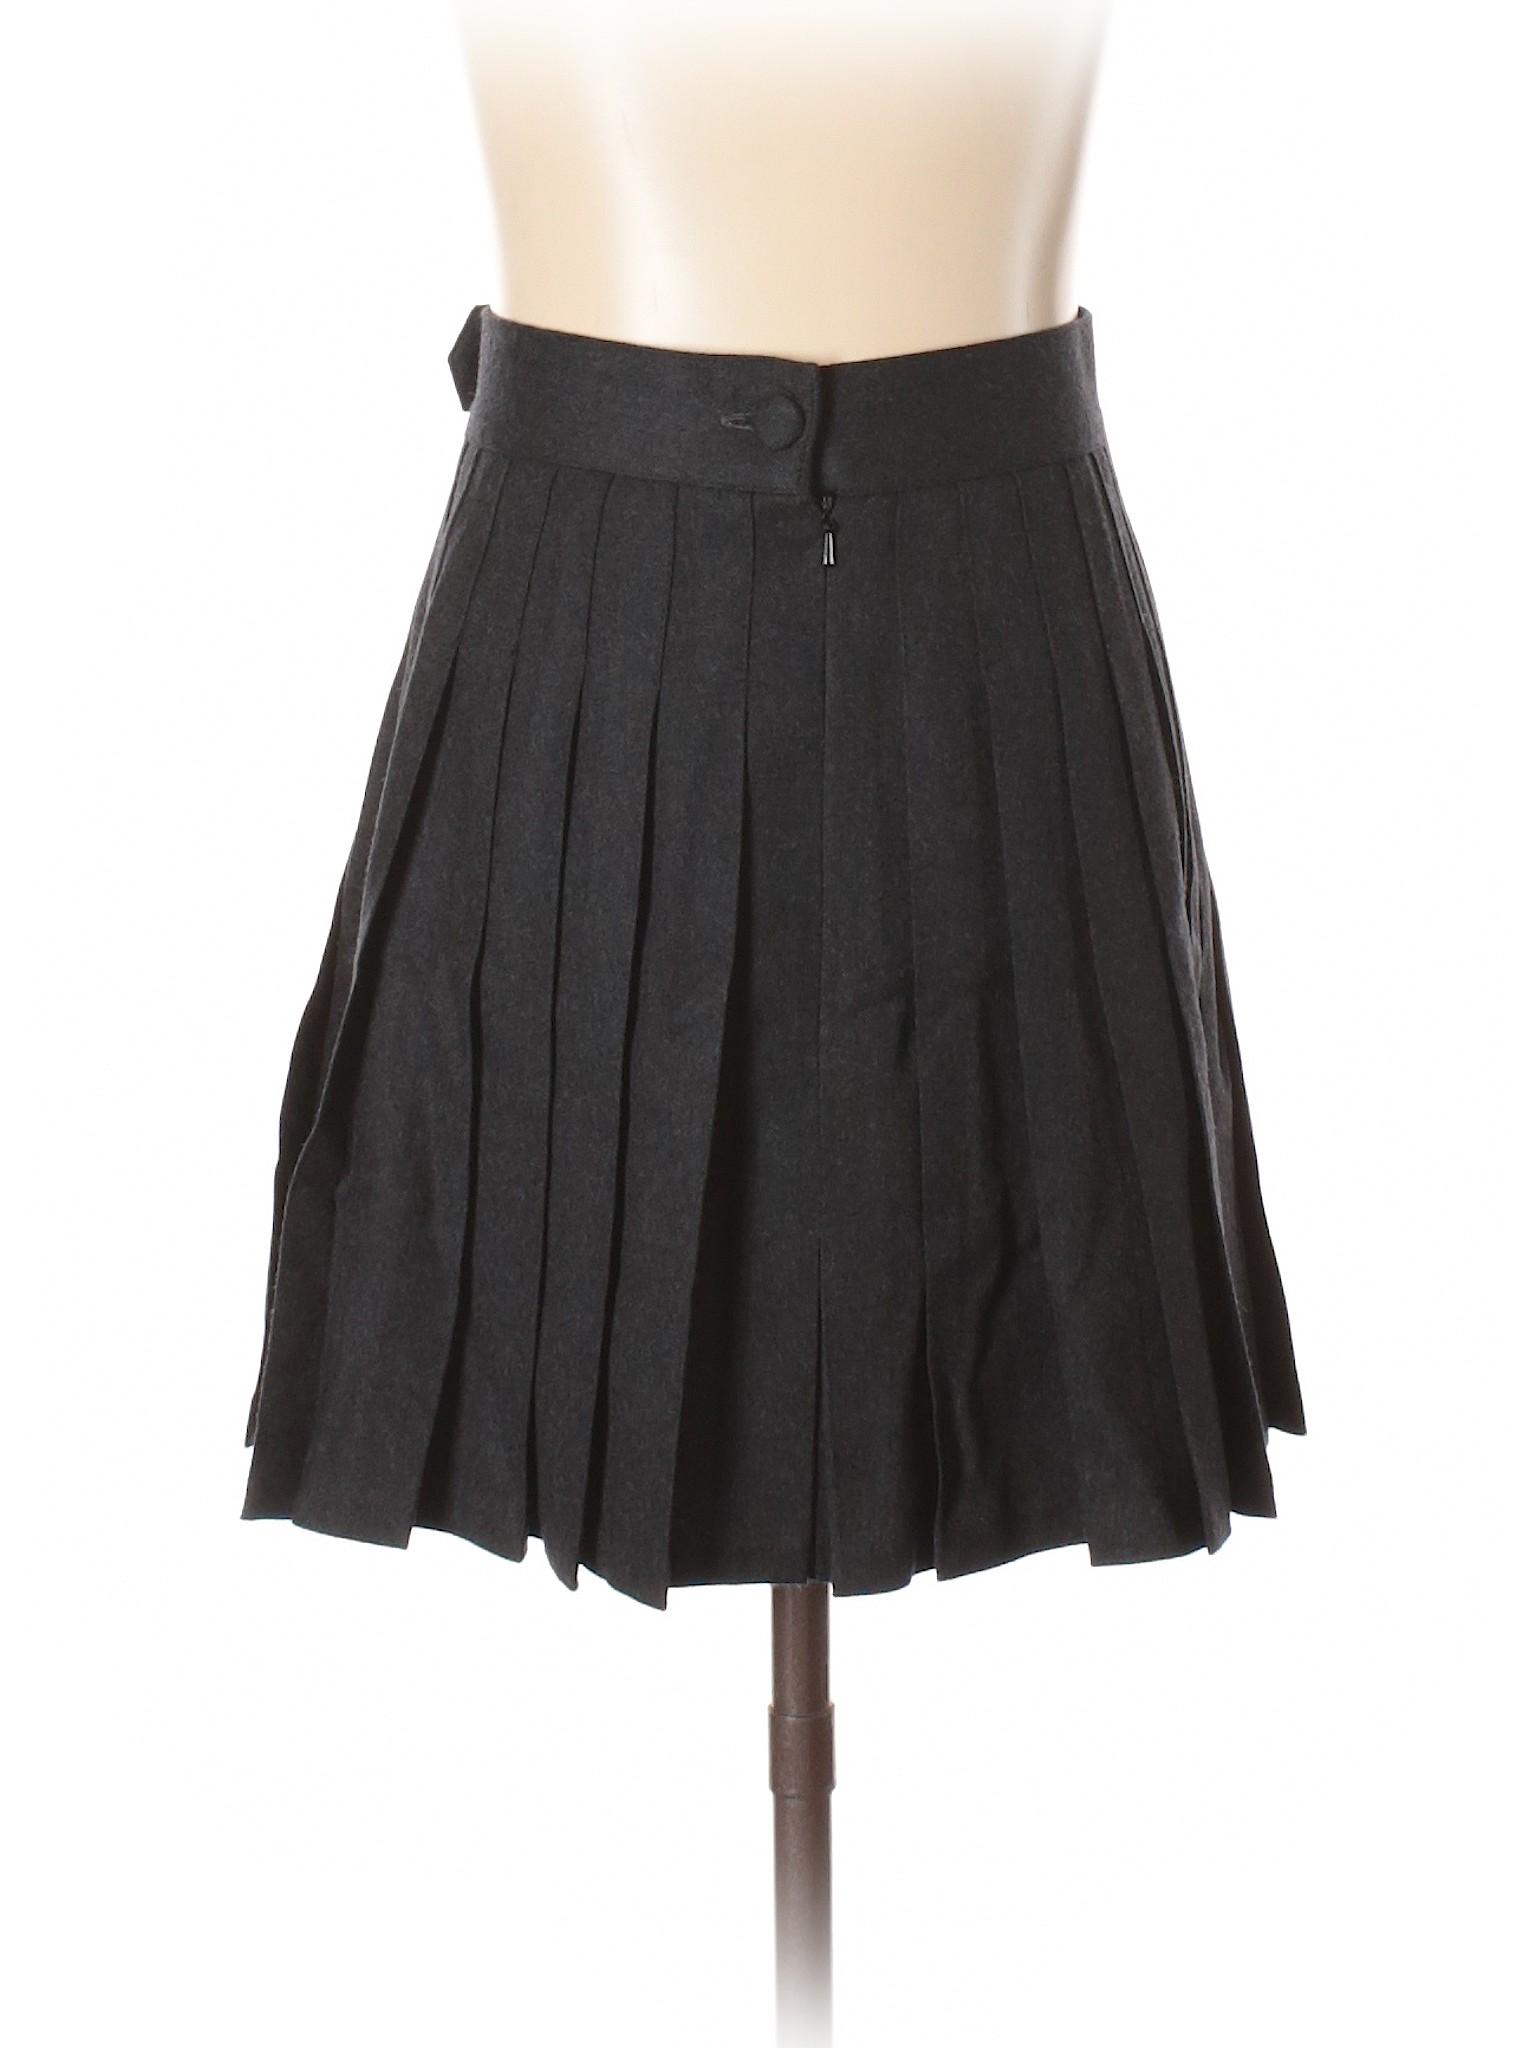 Boutique Boutique Wool Skirt Wool Skirt Boutique Wool wqrqI81